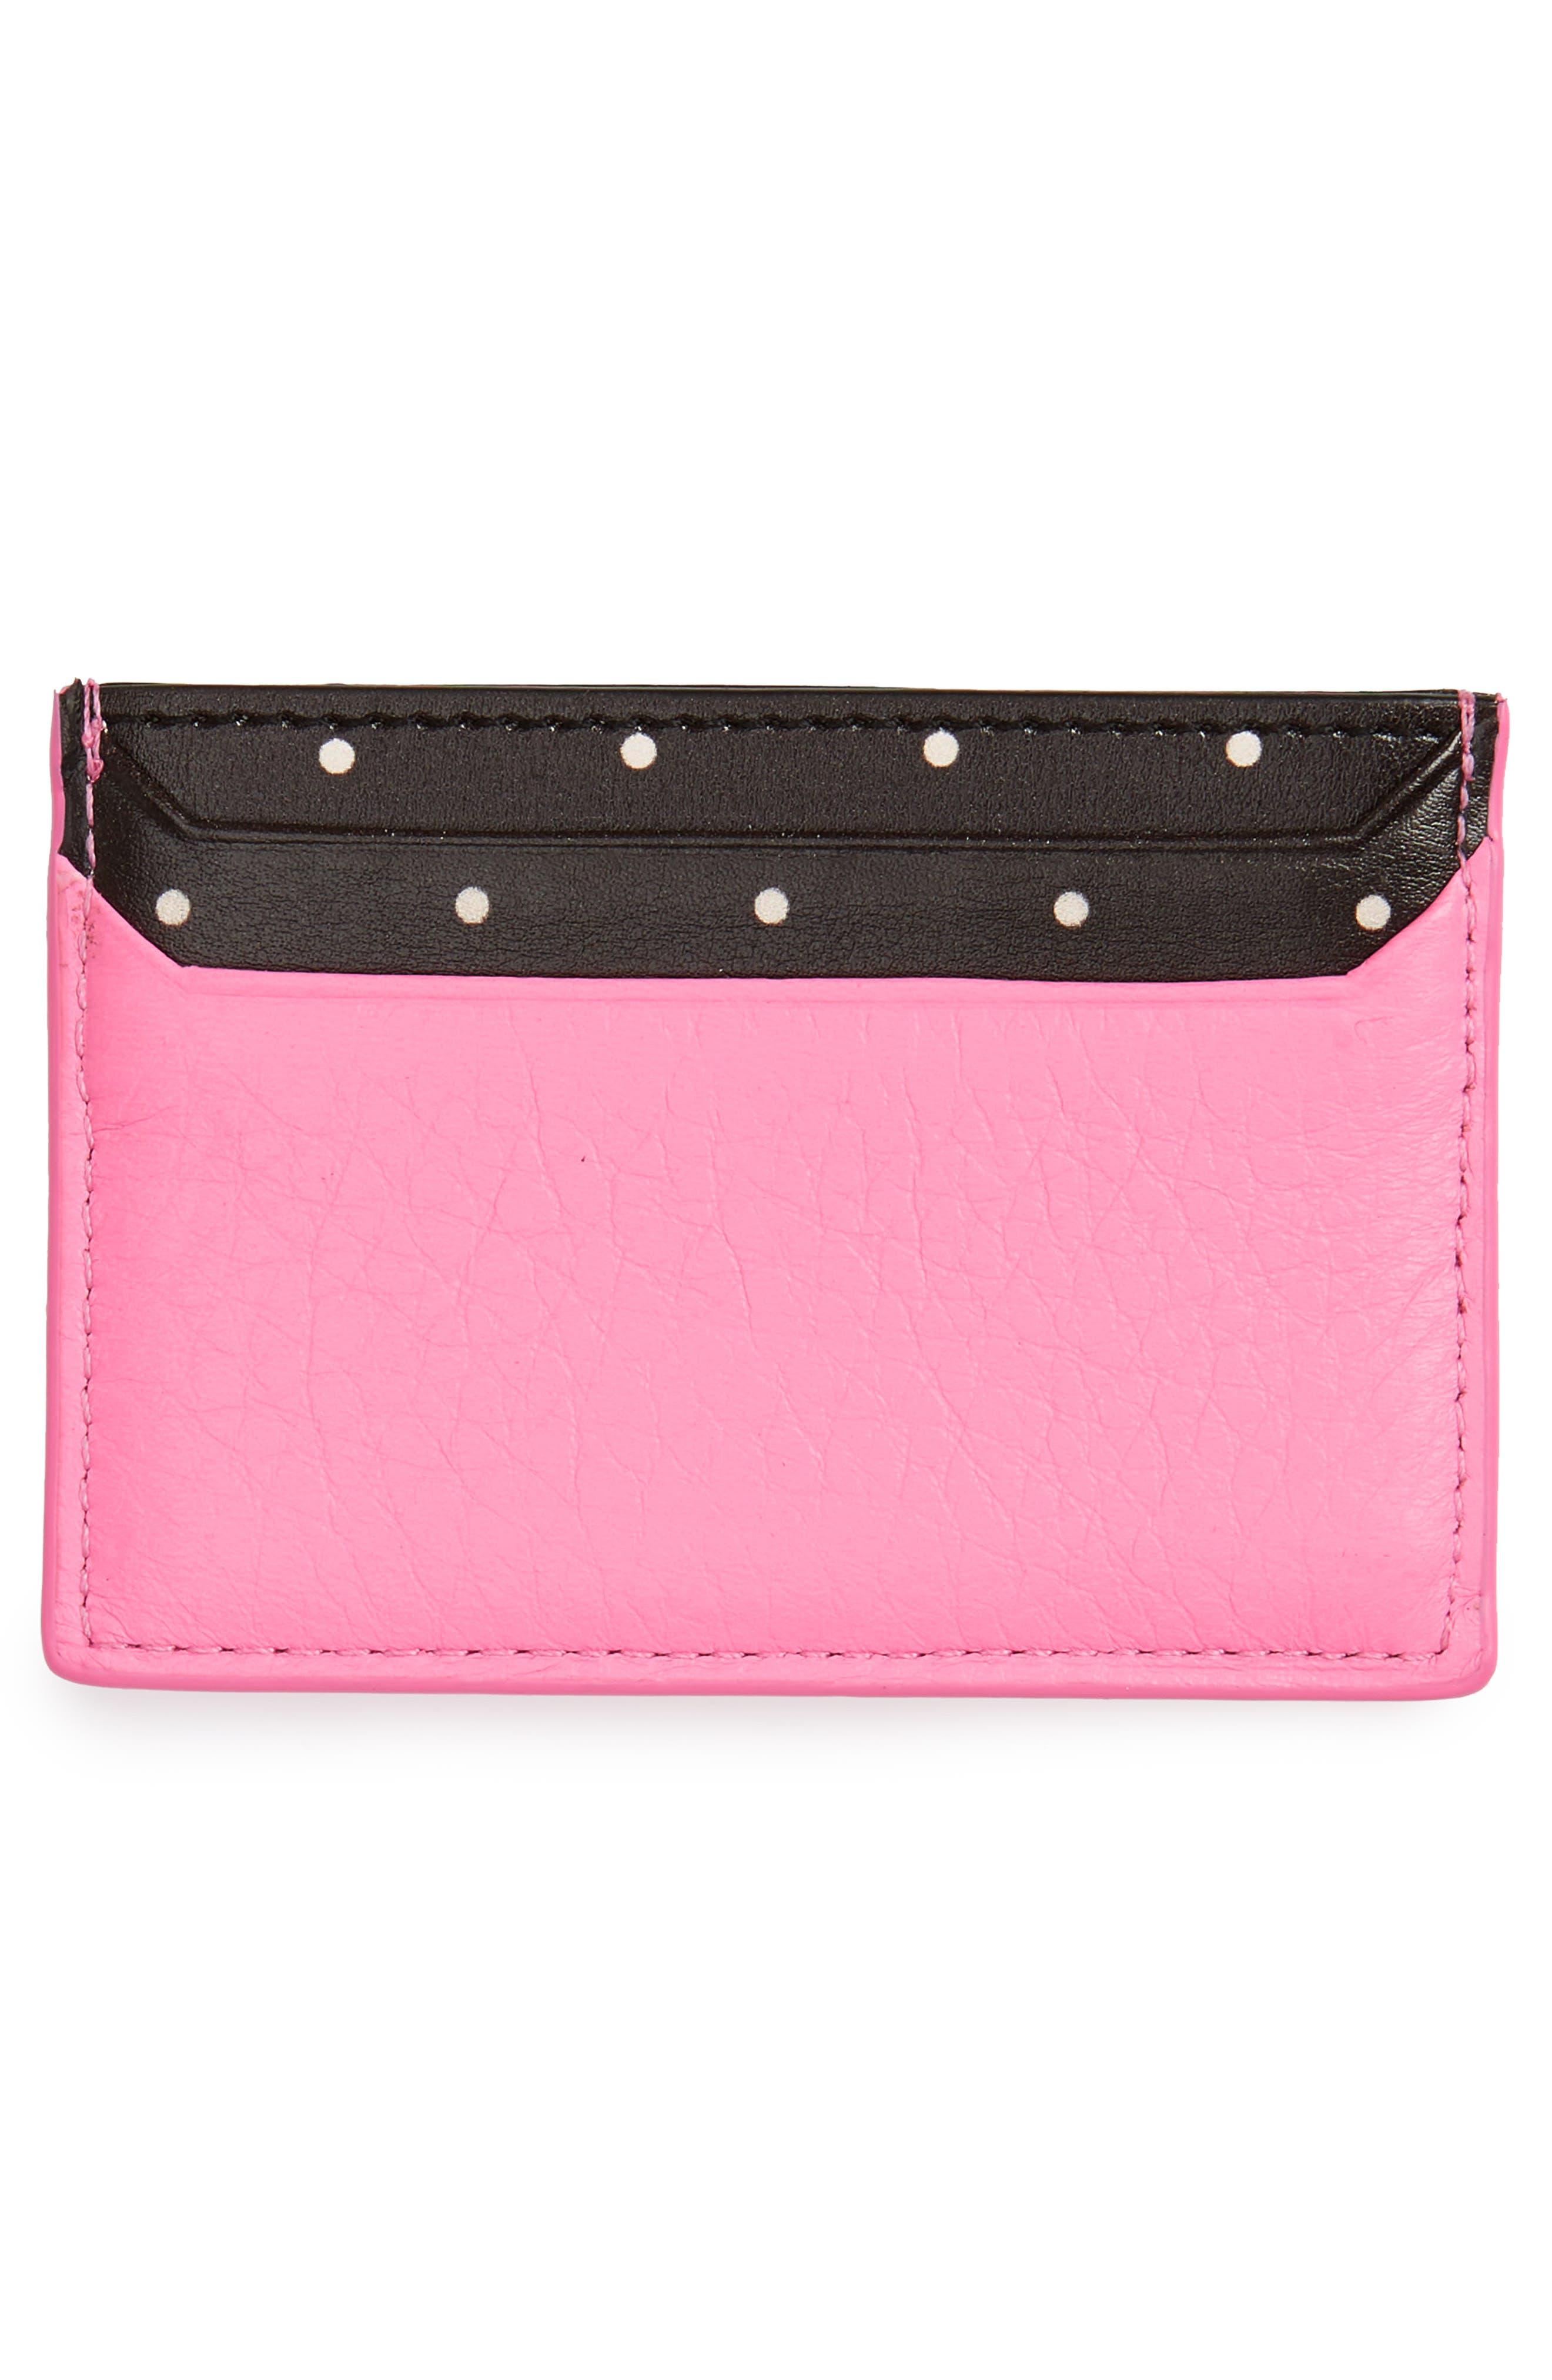 blake street - dot lynleigh leather card case,                             Alternate thumbnail 2, color,                             Marguerite Bloom